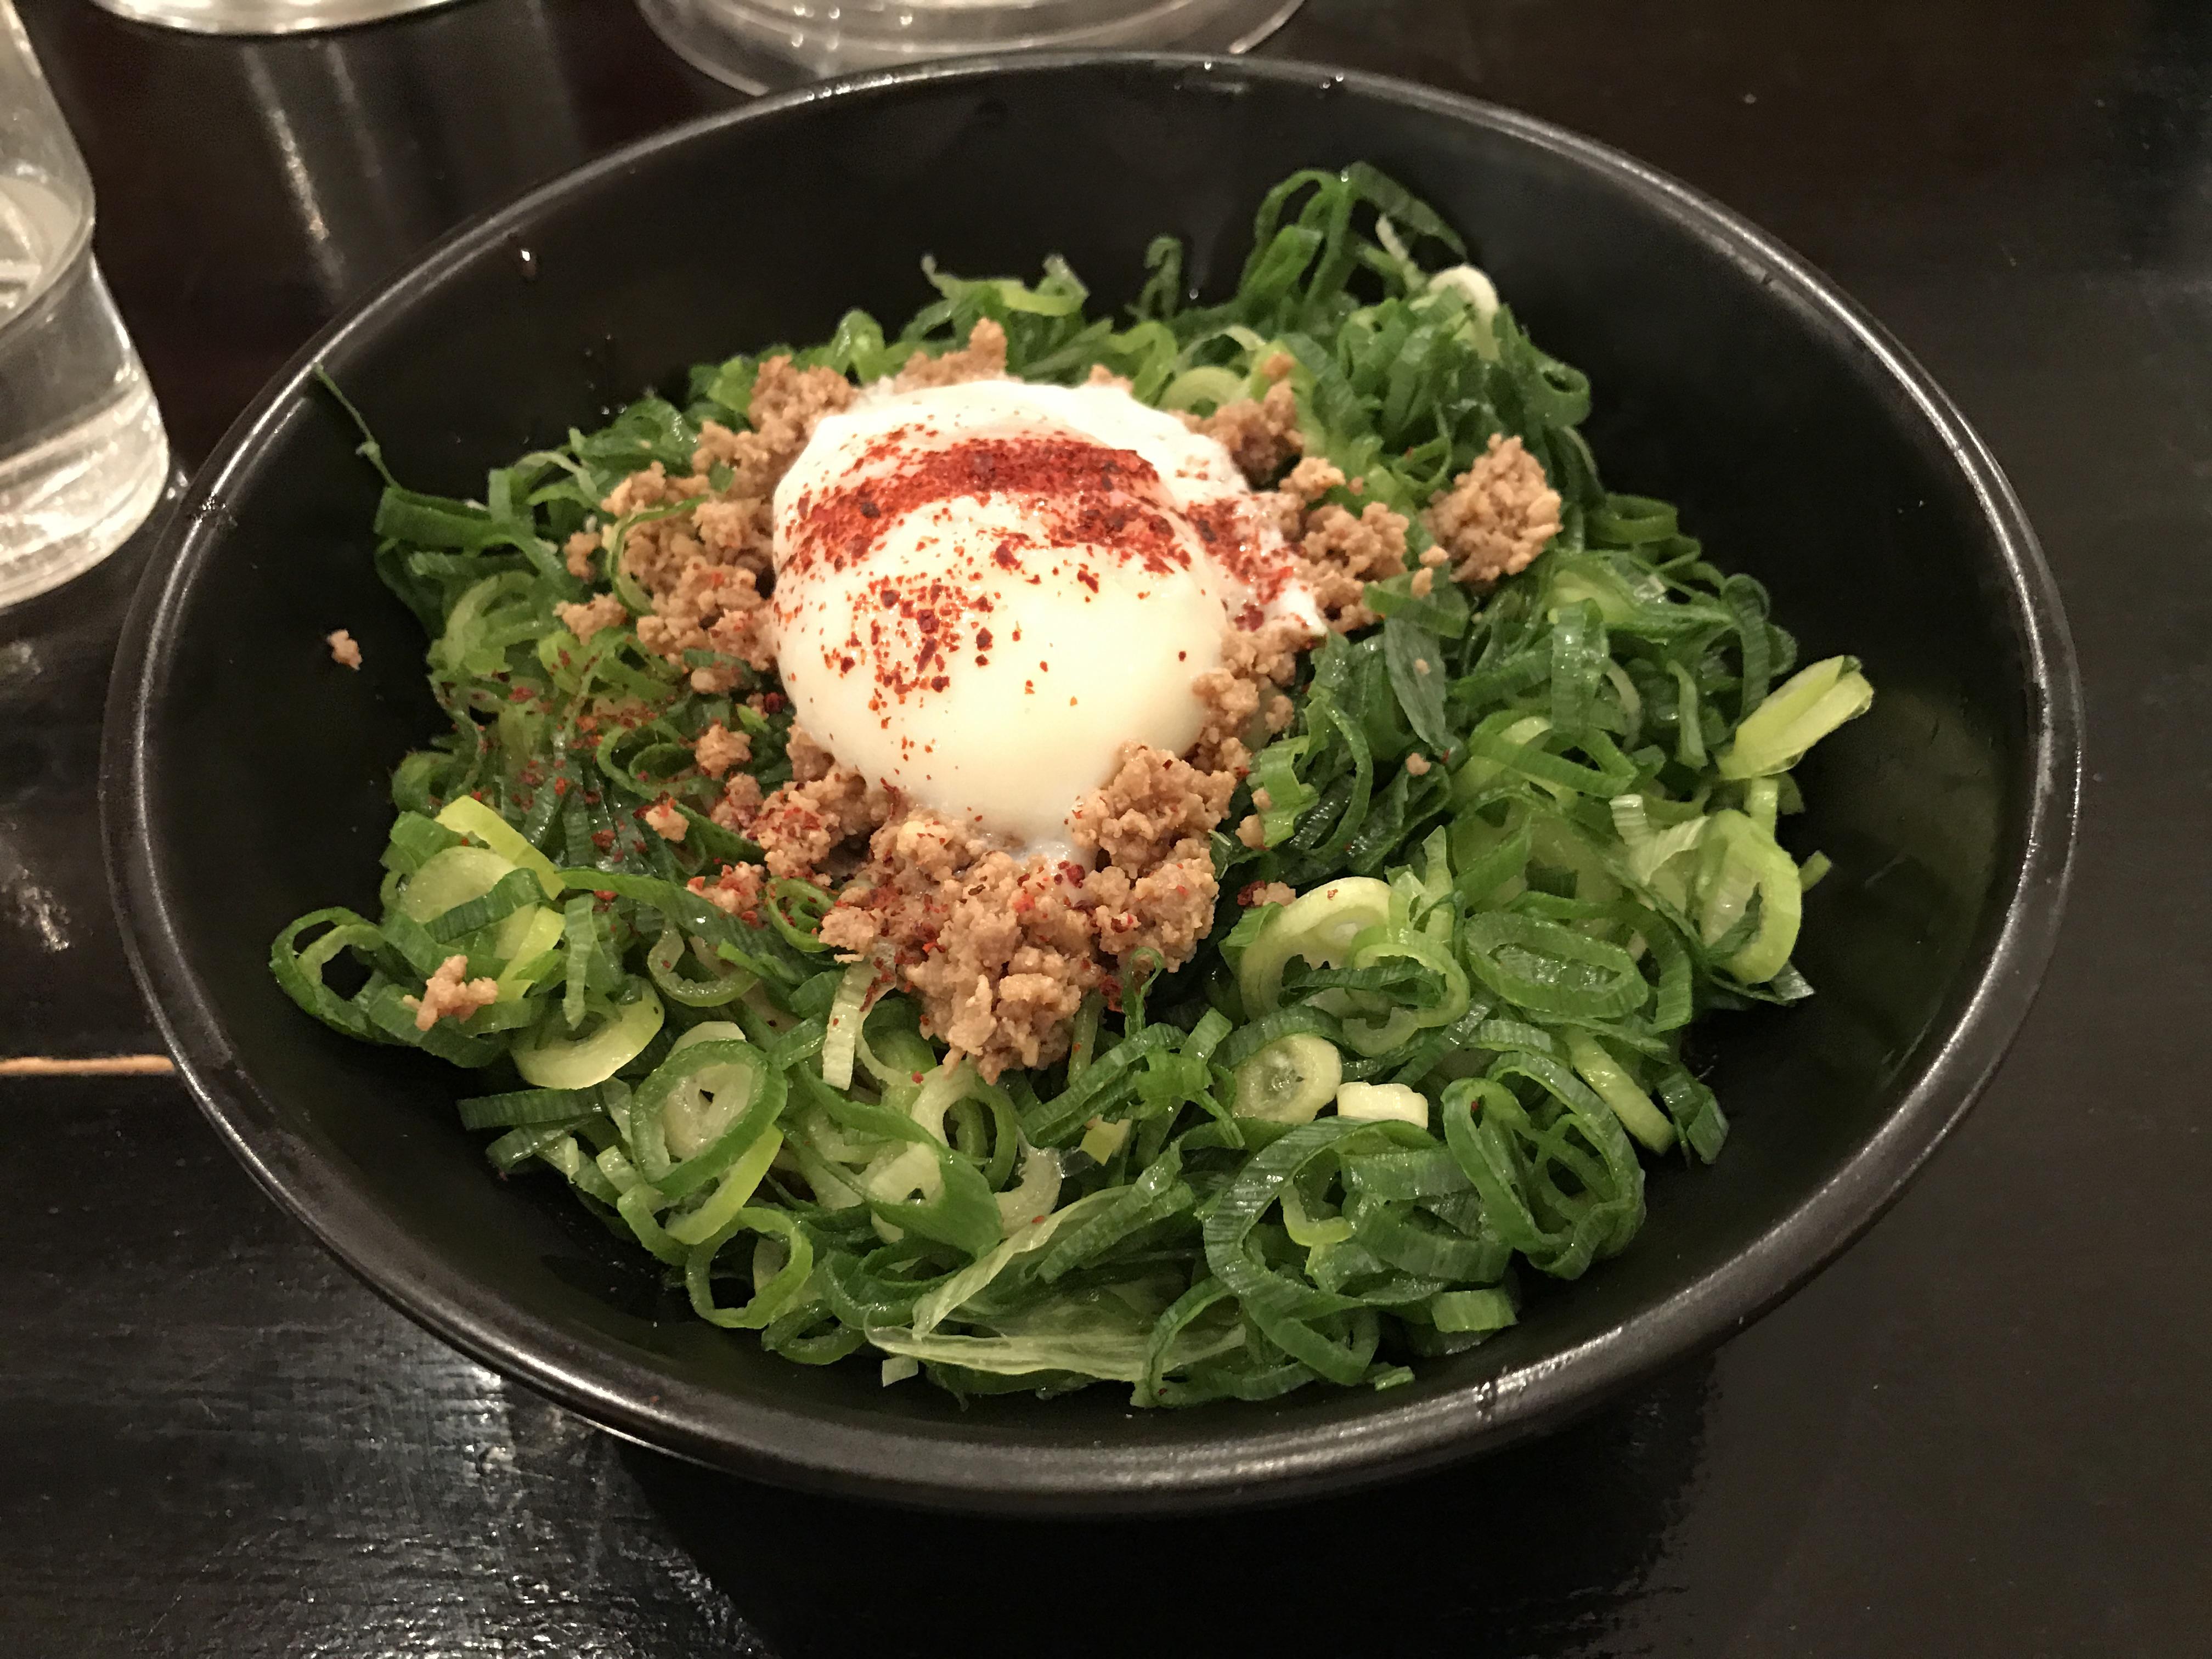 [Love 広島]広島のB級グルメ、広島風つけ麺と汁なし担々麺が食べられる、ばくだん屋